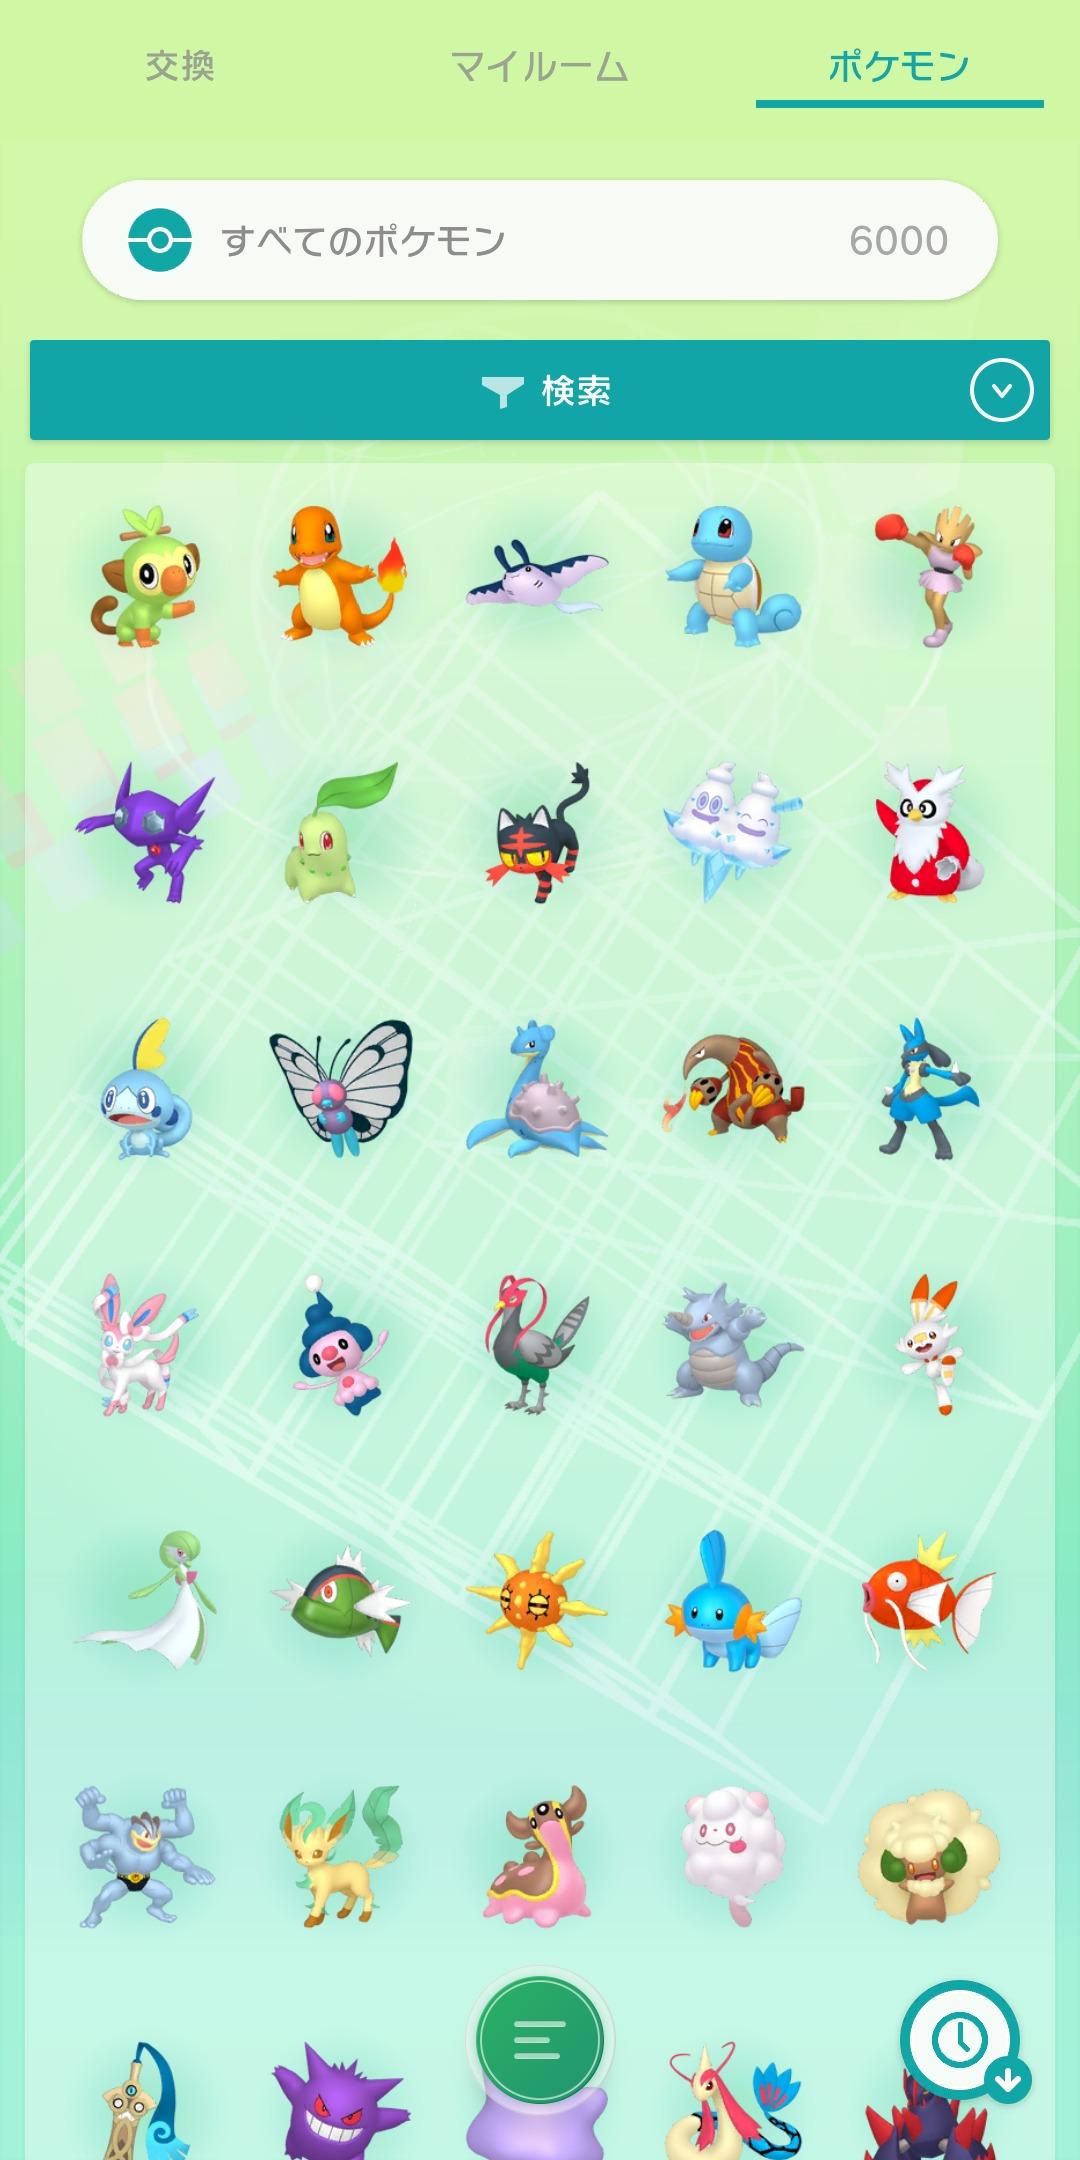 ポケモン一覧 (C)2020 Pokémon. (C)1995-2020 Nintendo/Creatures Inc. /GAME FREAK inc.